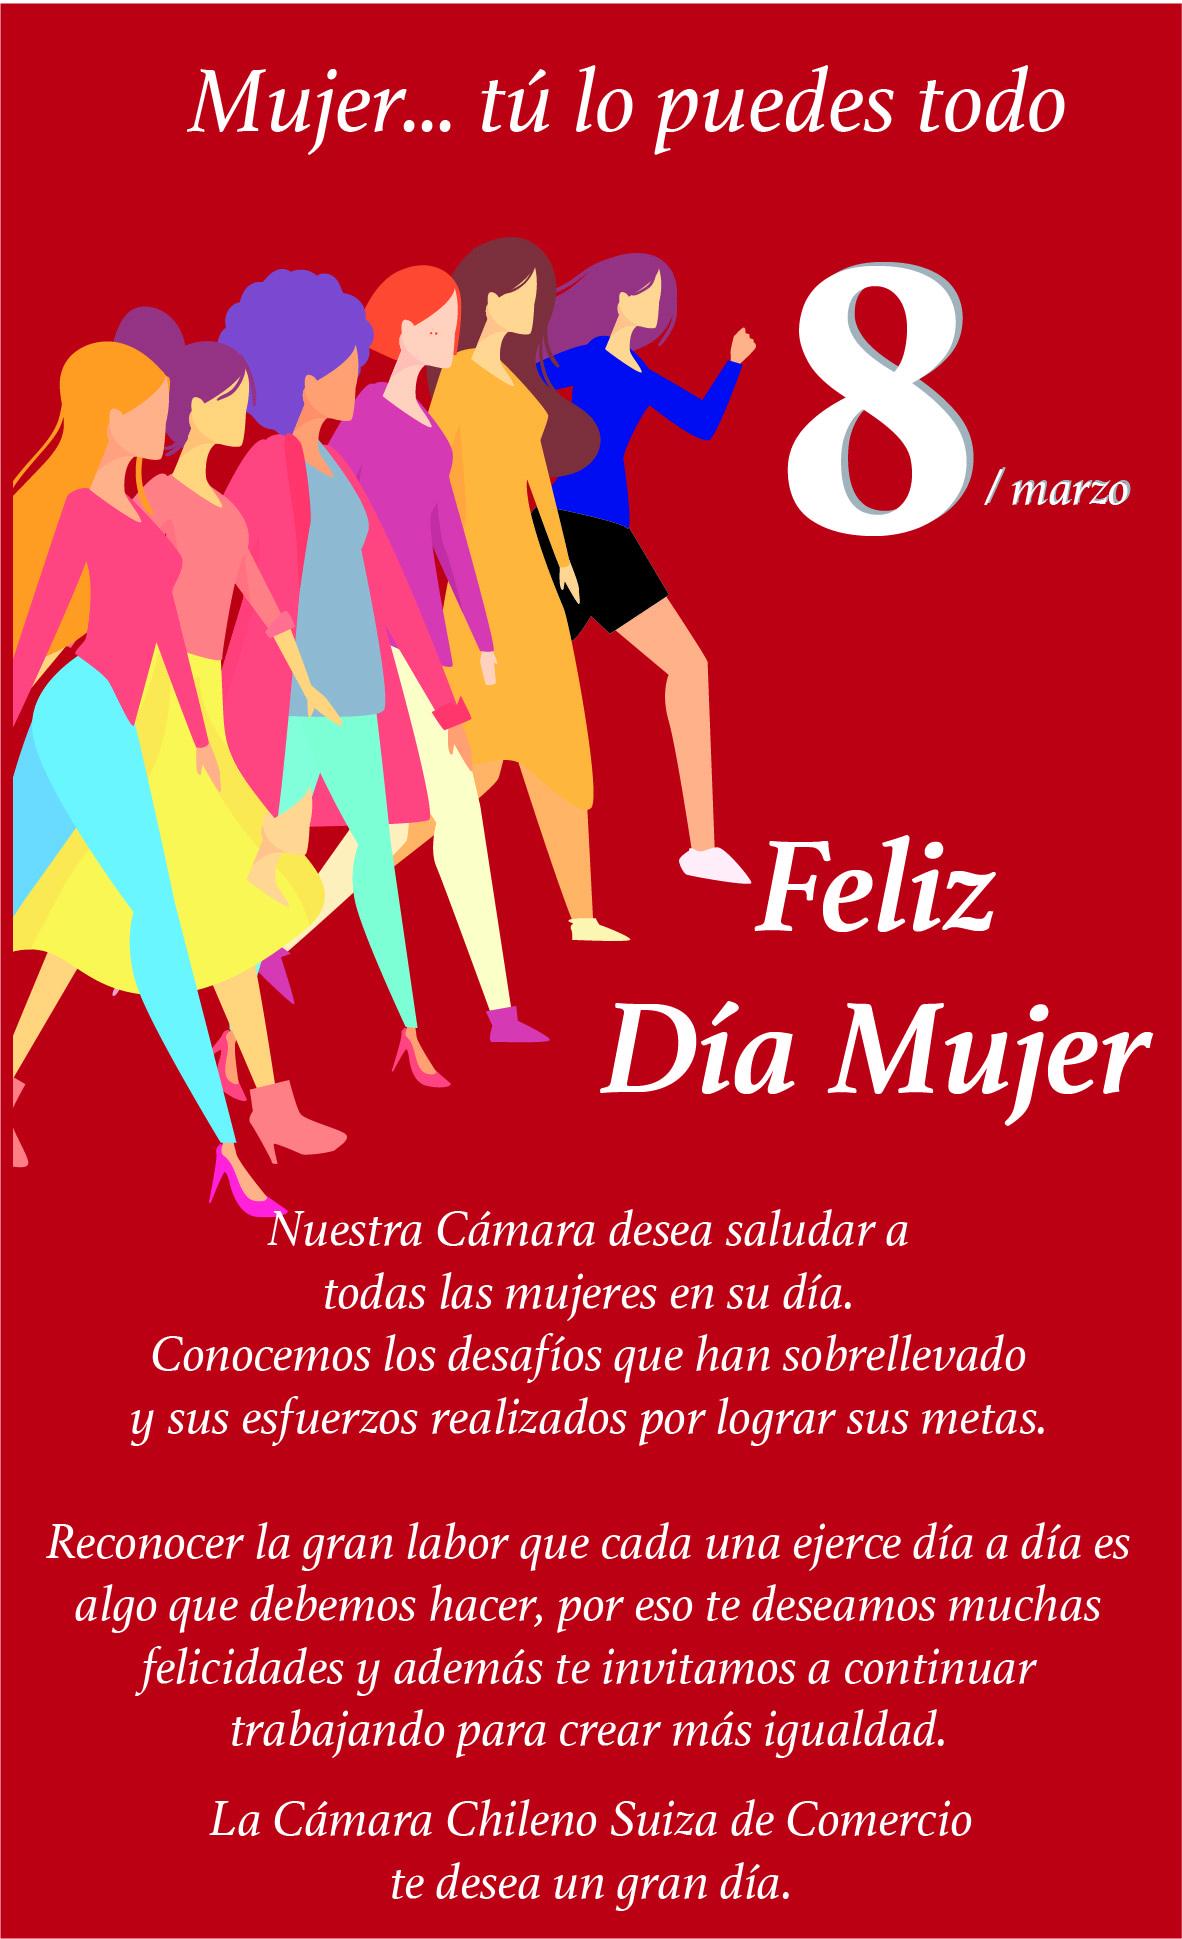 8-Marzo-Dia Mujer-03